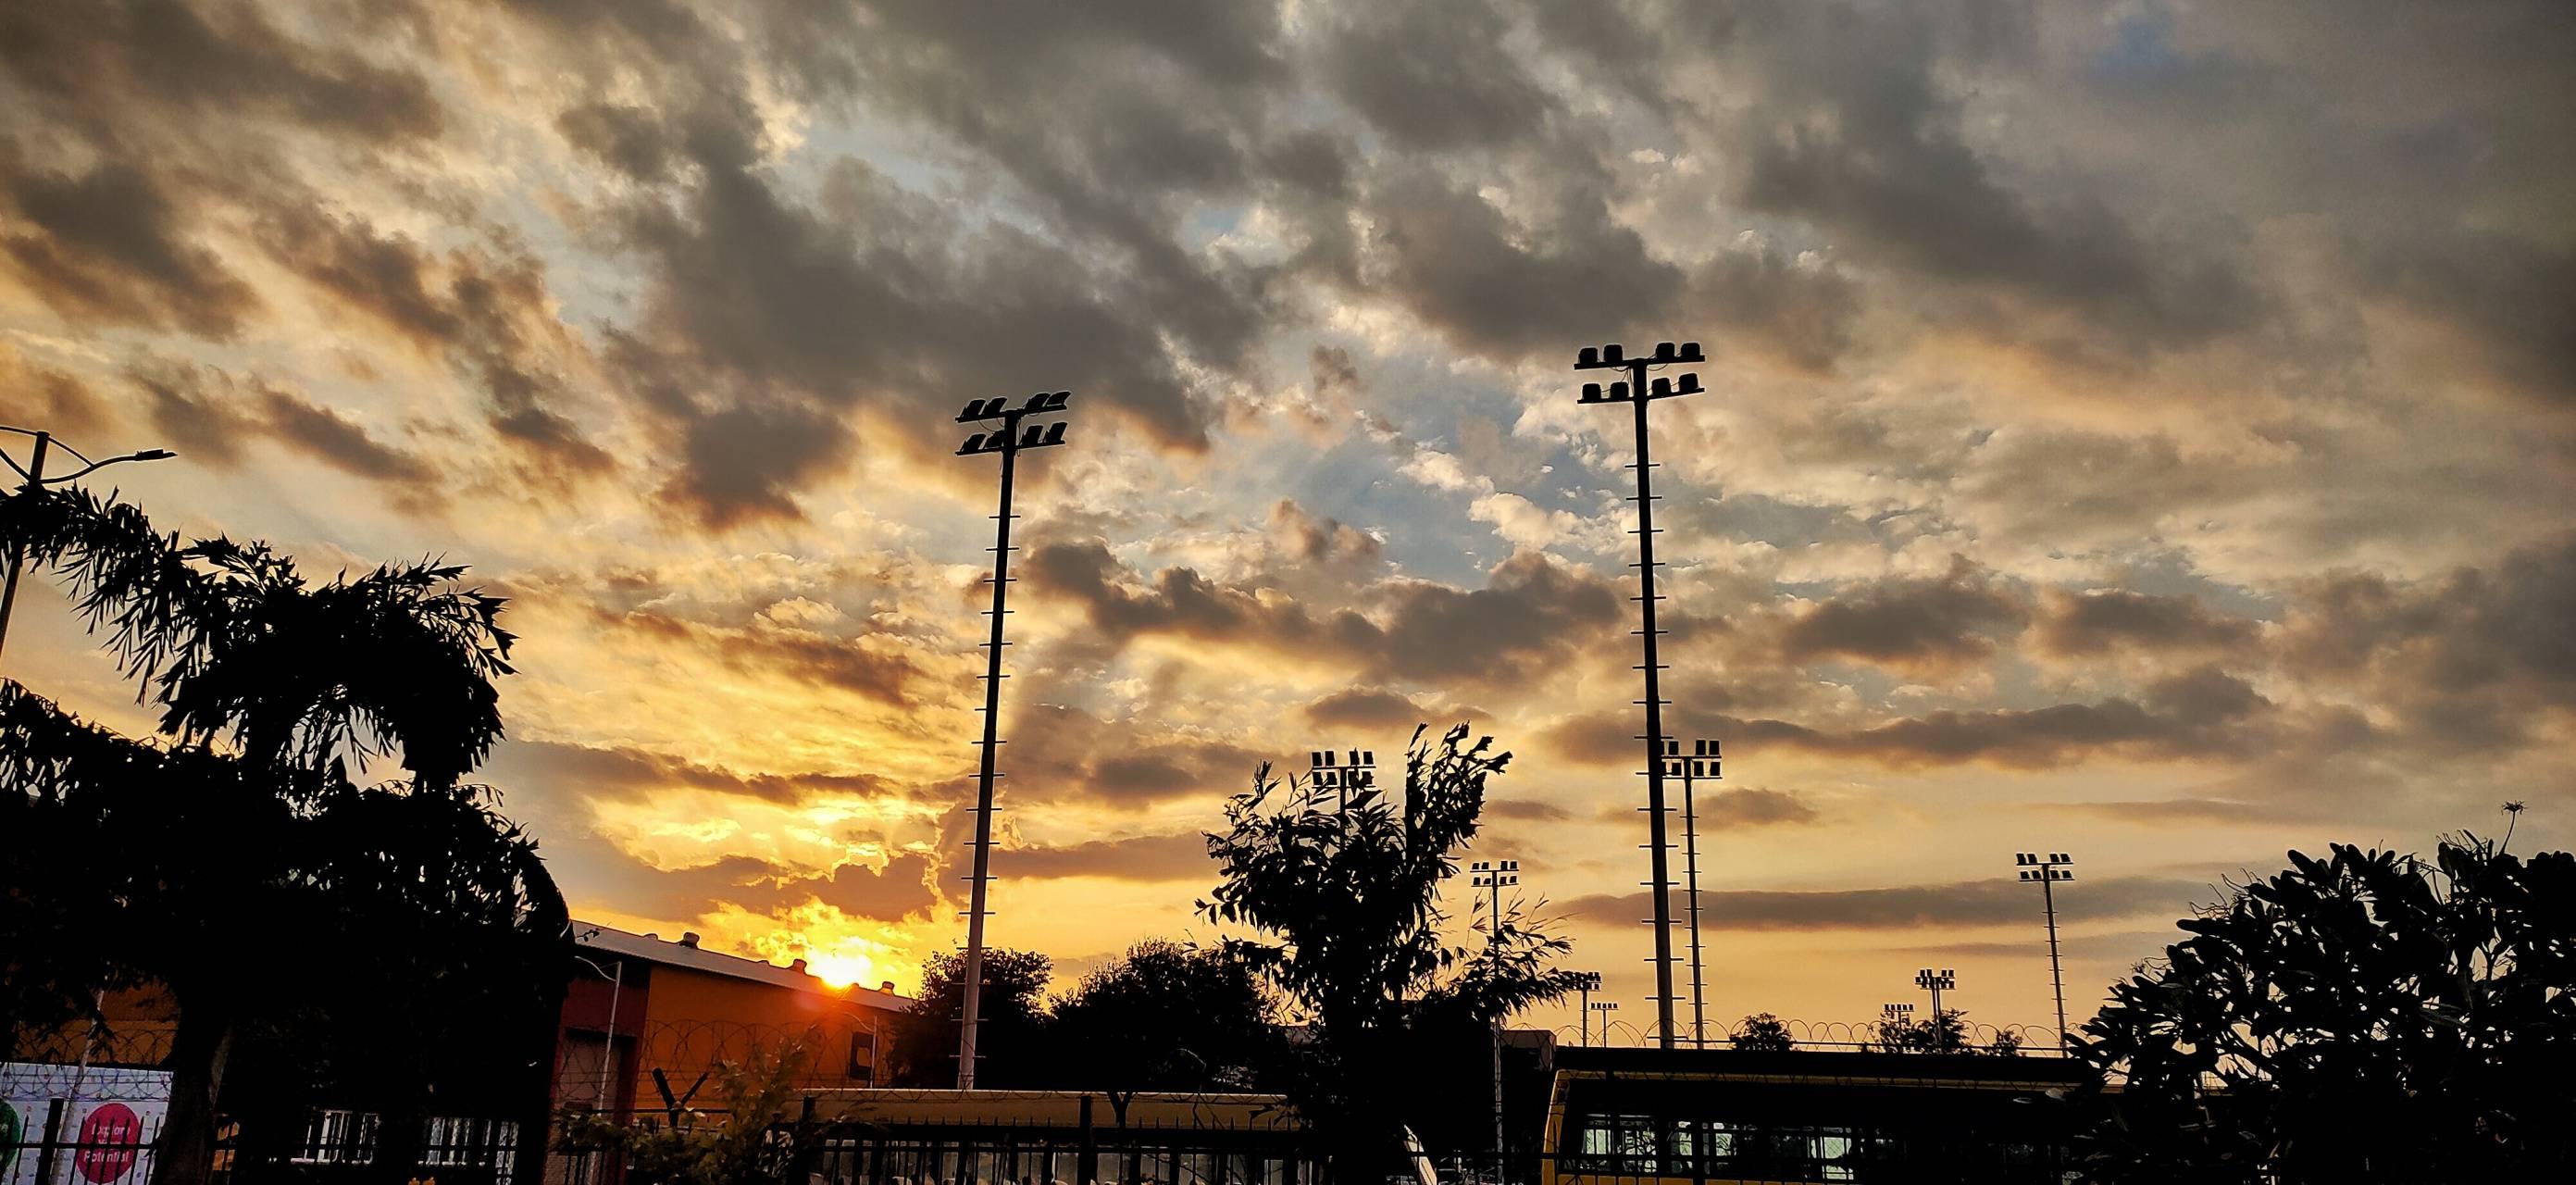 Evening scenerio